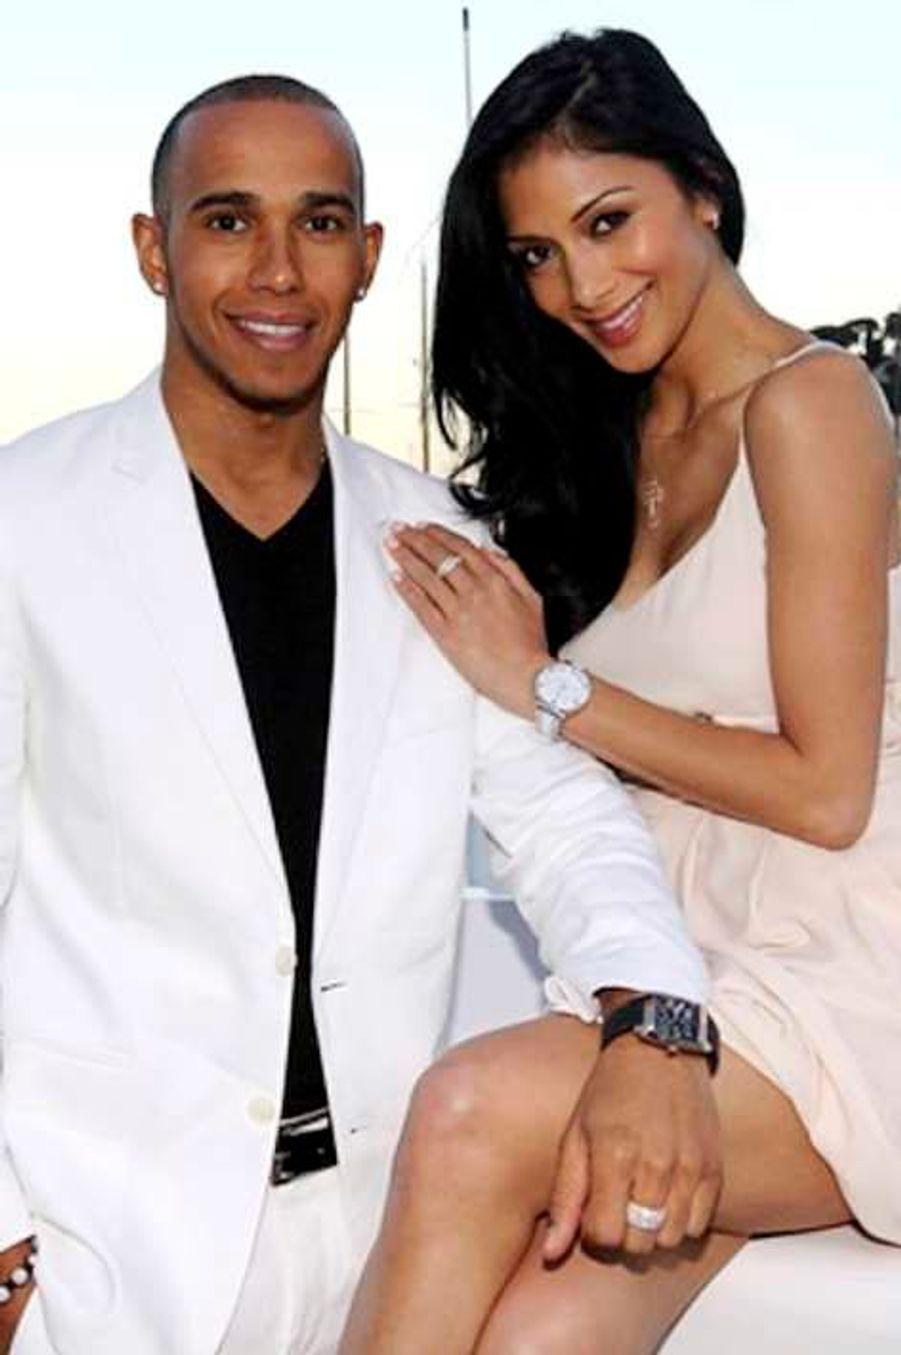 Après cinq années d'une relation chaotique, Lewis Hamilton et Nicole Scherzinger ont de nouveau rompu. Un porte-parole de l'ancienne Pussycat Dolls, âgée de 35 ans, a confirmé la triste nouvelle au Mail Online. La raison invoquée est l'emploi du temps surchargé des deux stars, qui ne leur laisserait que peu de temps pour vivre leur amour. Une source affirme pour autant que la jurée de l'émission X Factor UK est «effondrée». Le pilote de F1 et sa belle brune ont commencé à sortir ensemble en 2007, mais ils s'étaient déjà séparés une première fois en janvier 2010, puis en octobre 2011. En juillet 2012, le jeune homme d'aujourd'hui 28 ans avait été photographié en train d'embrasser une jeune femme, ce qui avait de nouveau fait trembler ce couple infernal. Deux mois plus tard, une rumeur avait dit la chanteuse très proche du bad boy Chris Brown… Retour sur leur histoire d'amour passionnelle en images.